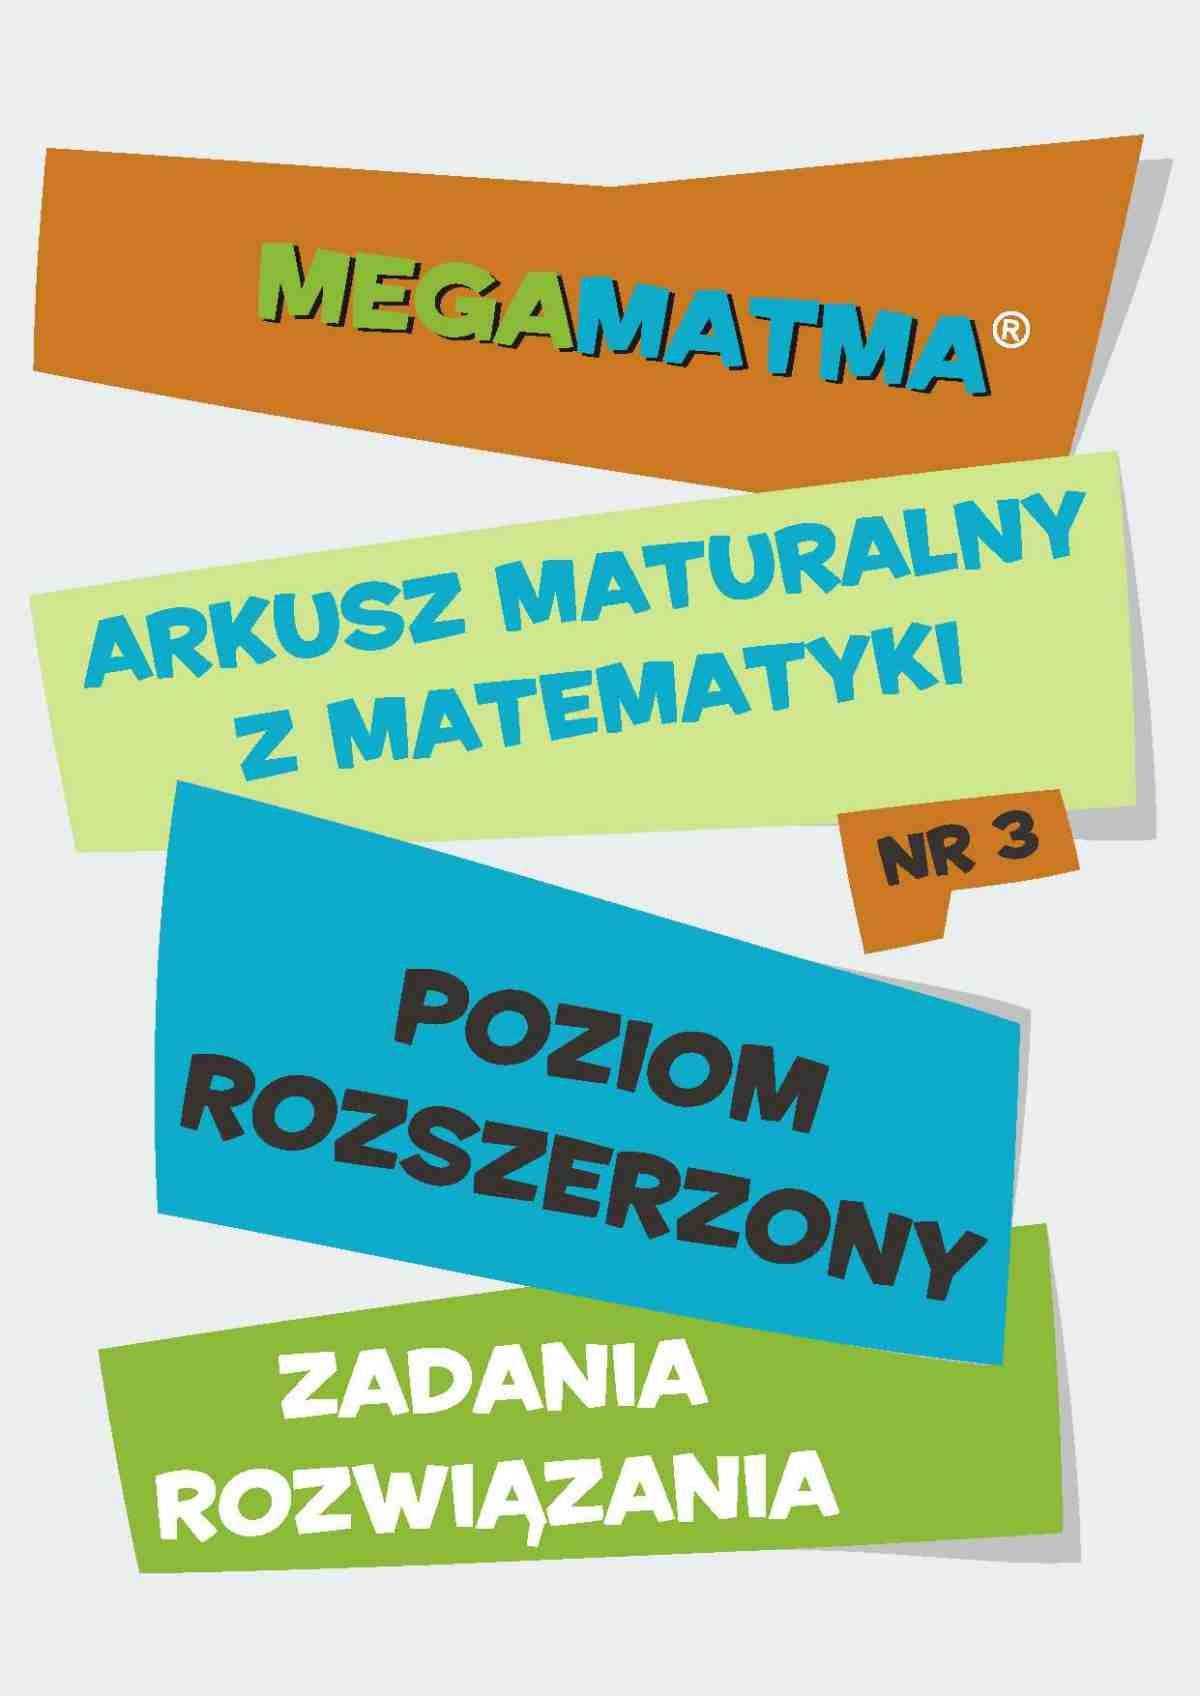 Matematyka-Arkusz maturalny. MegaMatma nr 3. Poziom rozszerzony. Zadania z rozwiązaniami. - Ebook (Książka PDF) do pobrania w formacie PDF